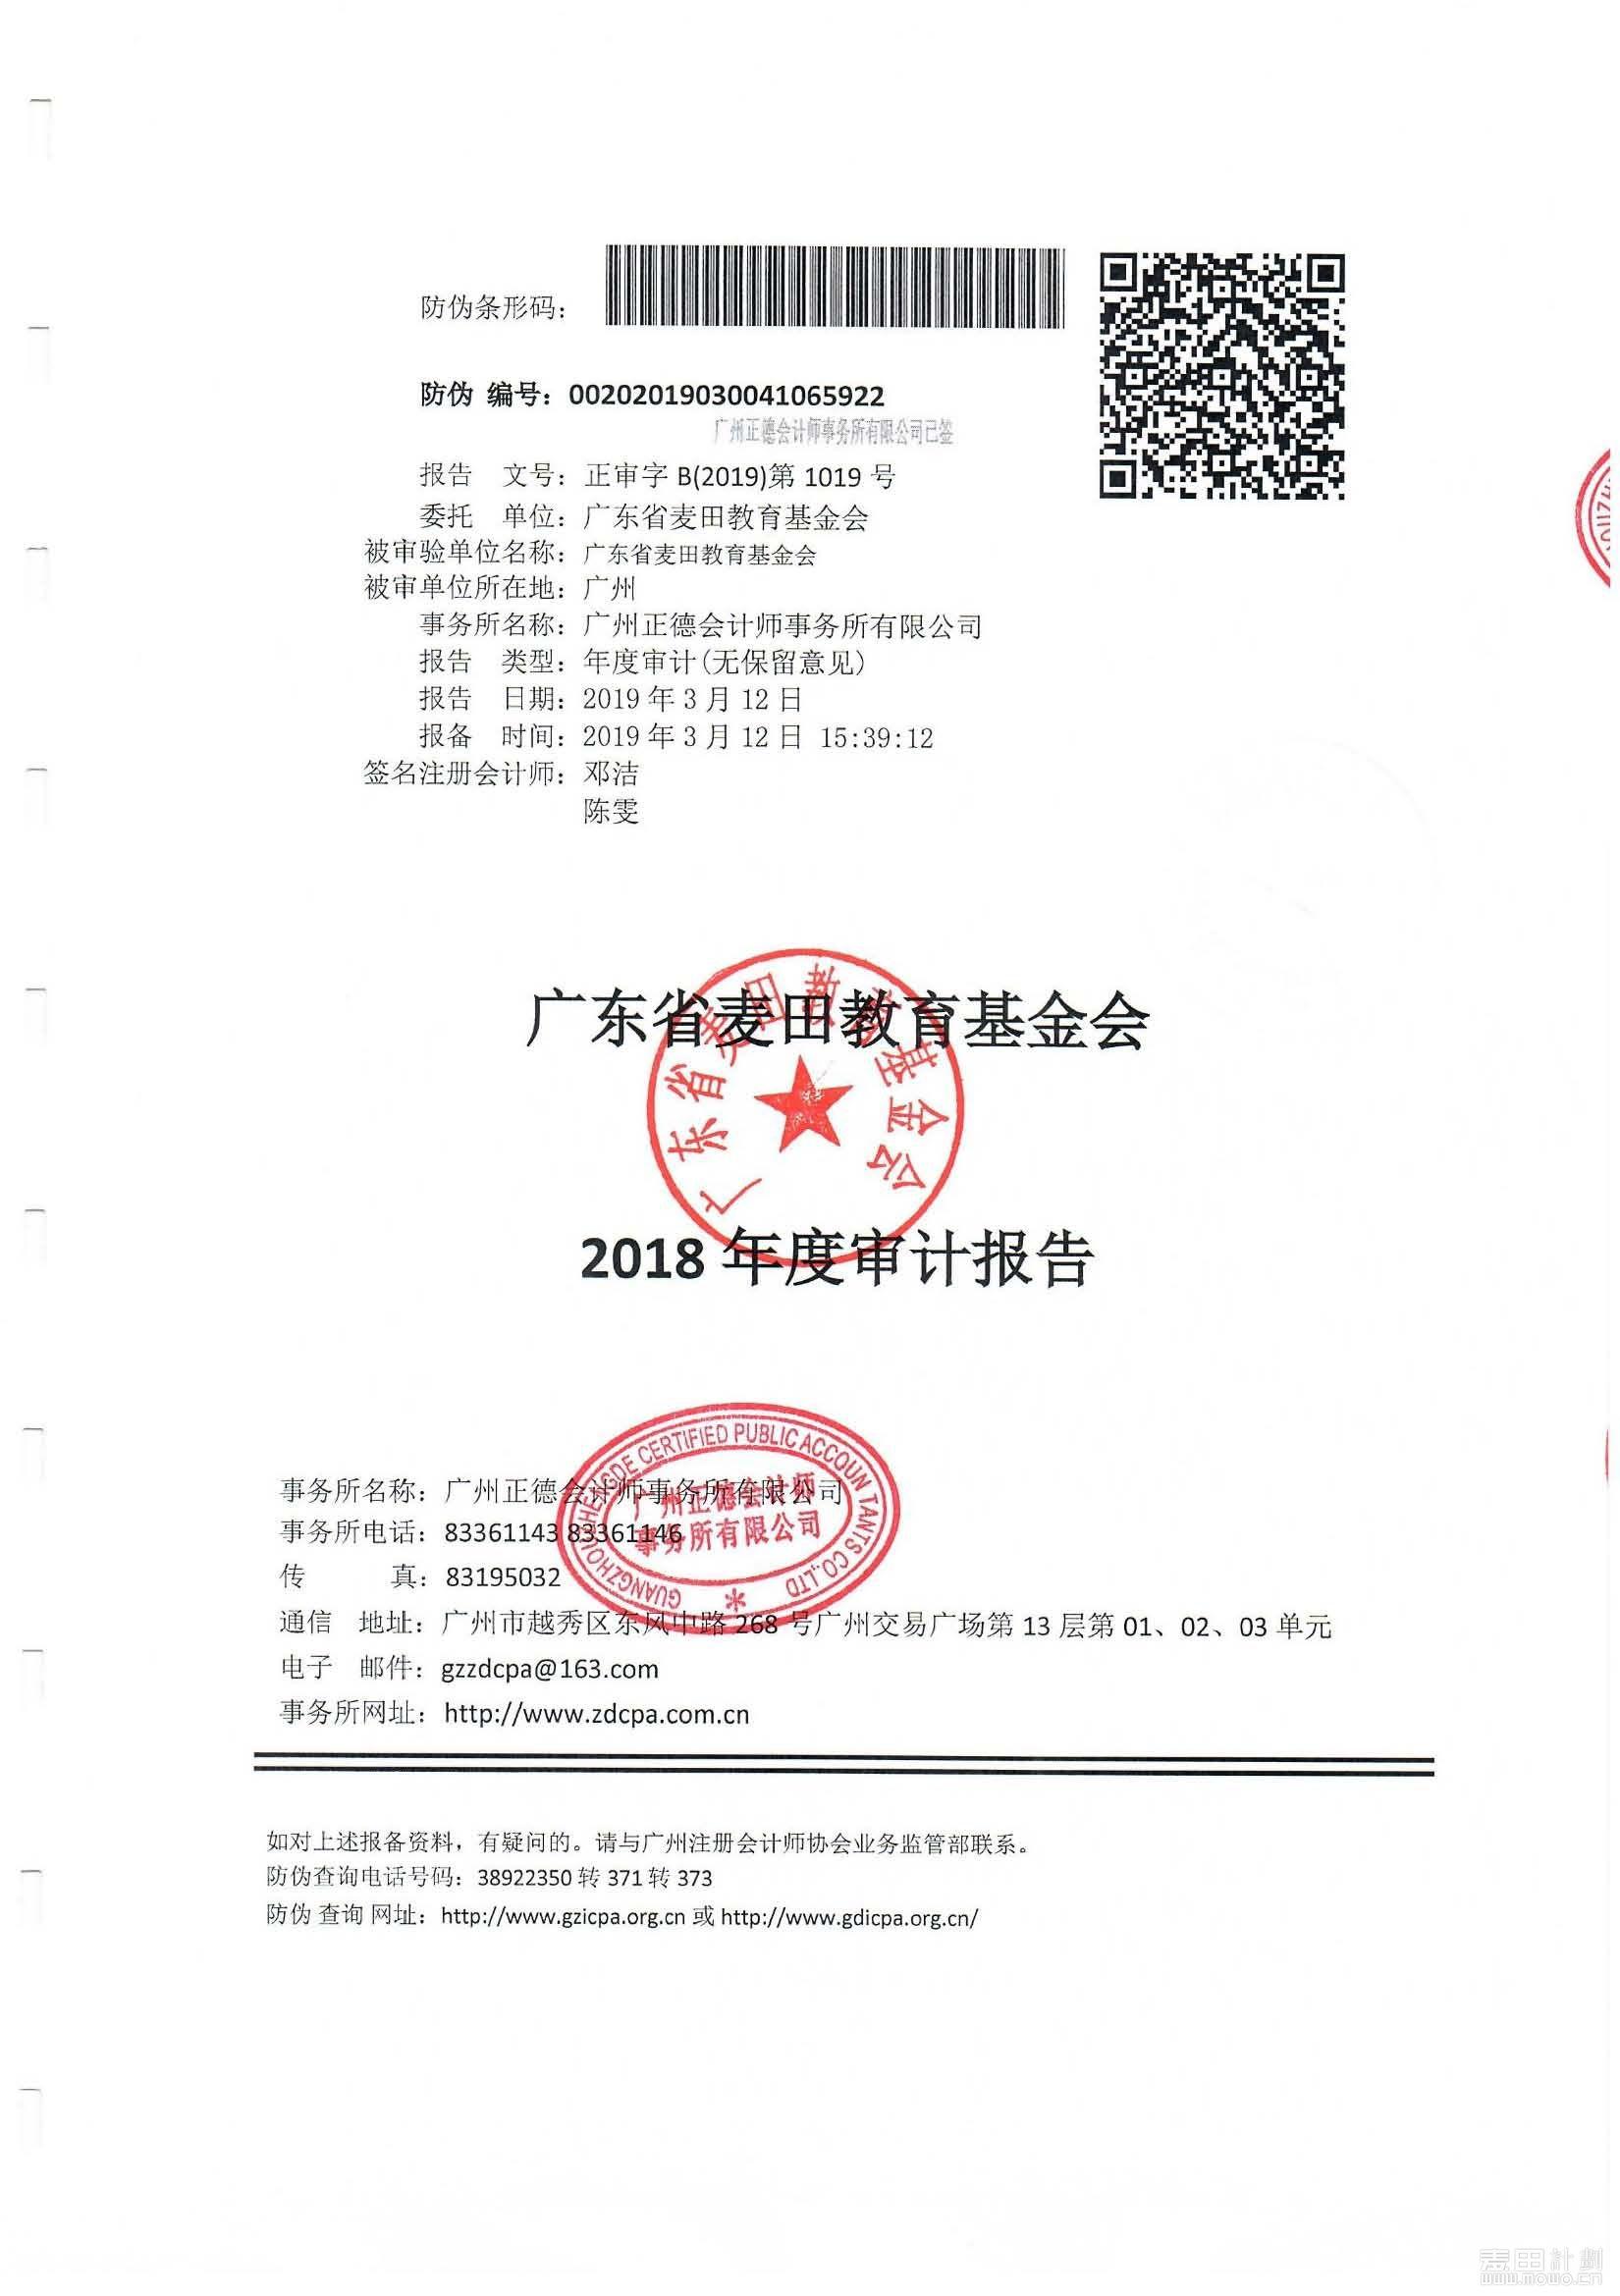 2018年麦田审计报告_页面_02.jpg